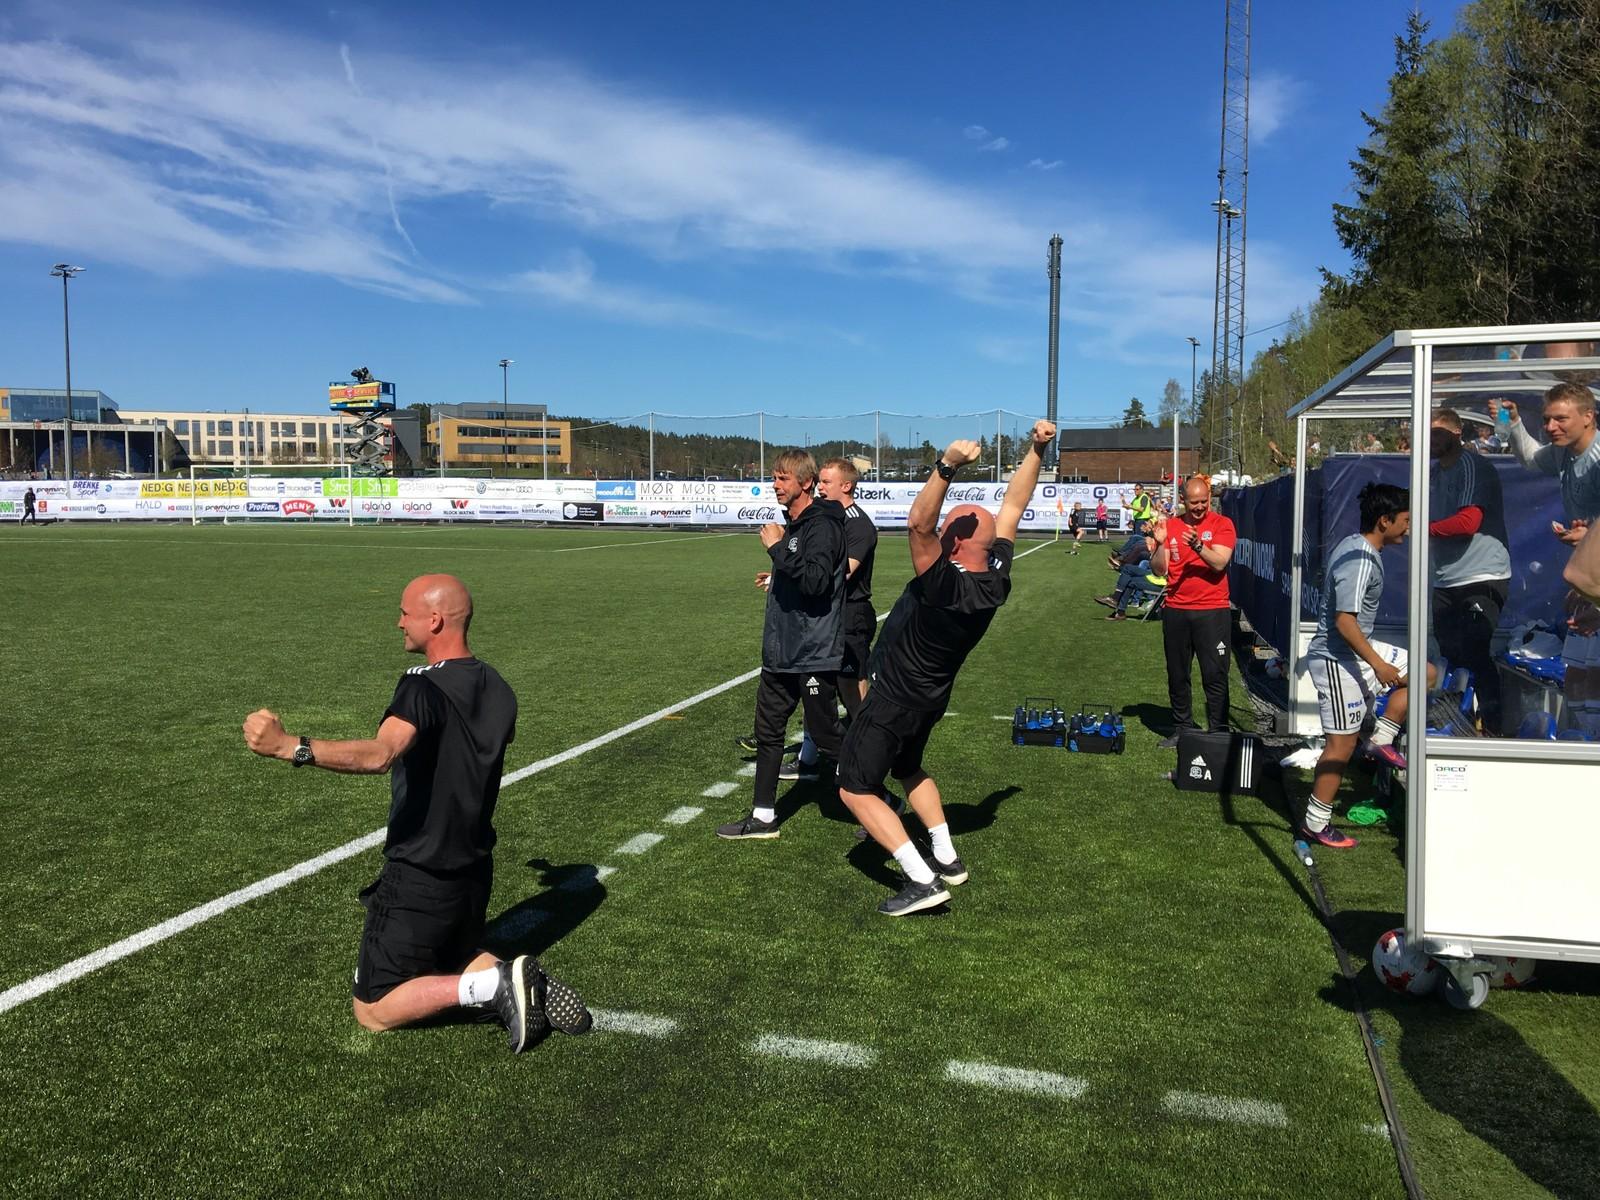 Arendal-trener Knut Tørum og resten av benken jubler etter scoringen av Petar Rnkovic.